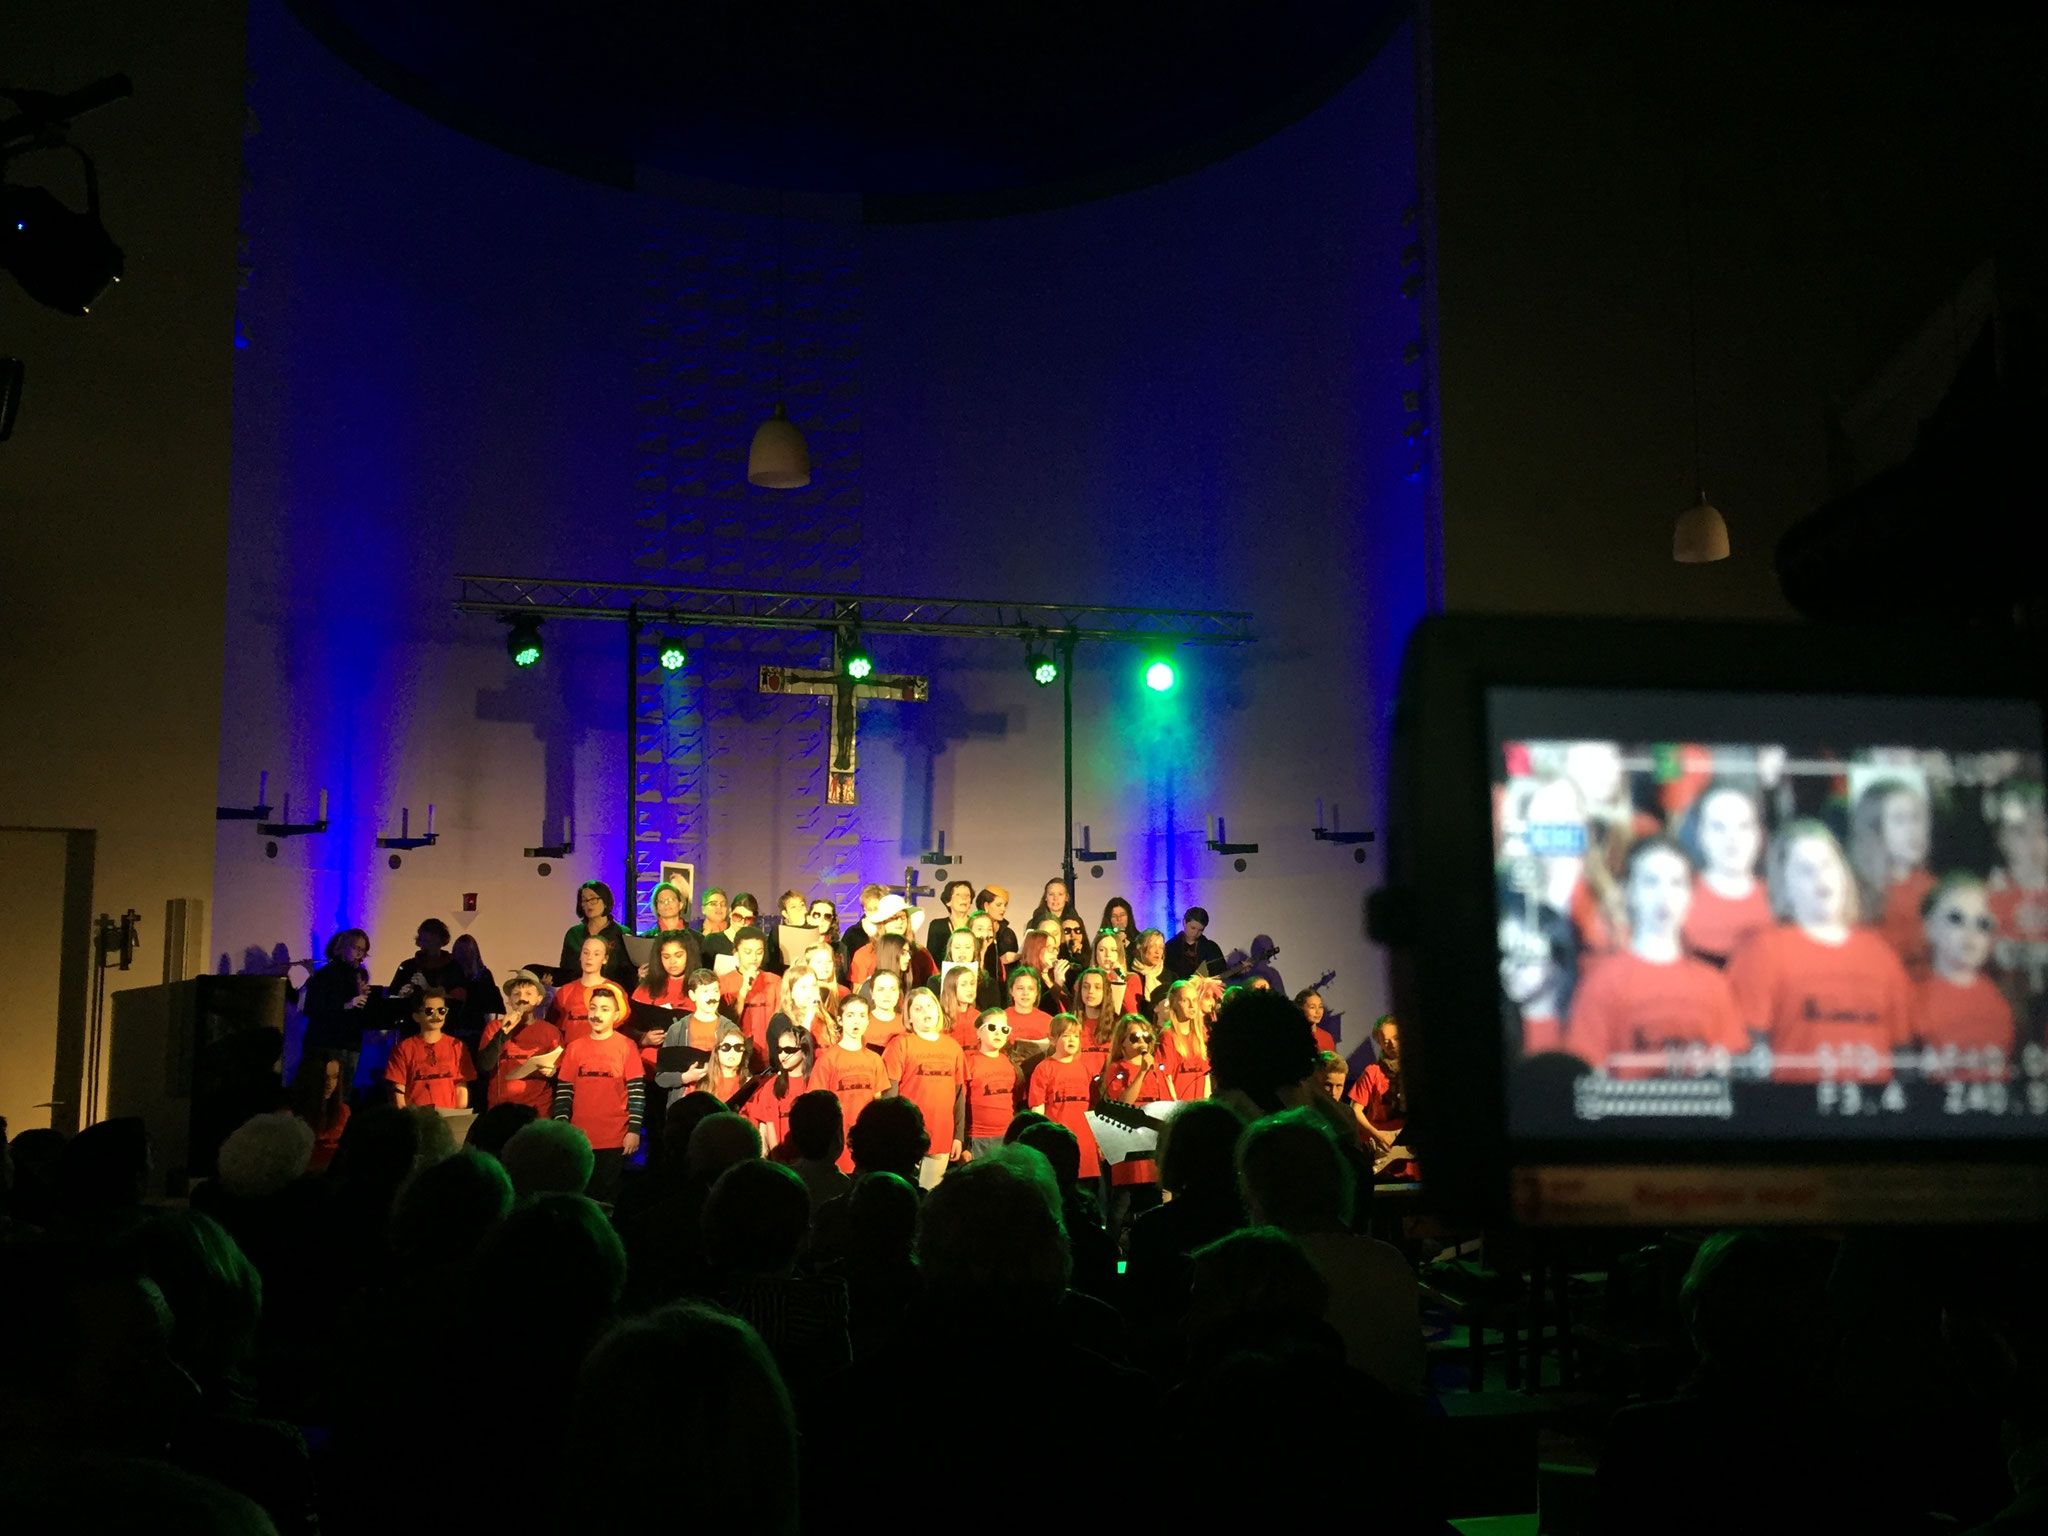 St. Hedwig Hedwigkids Konzert / 20 jähriges Jubiläum 2017 - Licht- und Medientechnik